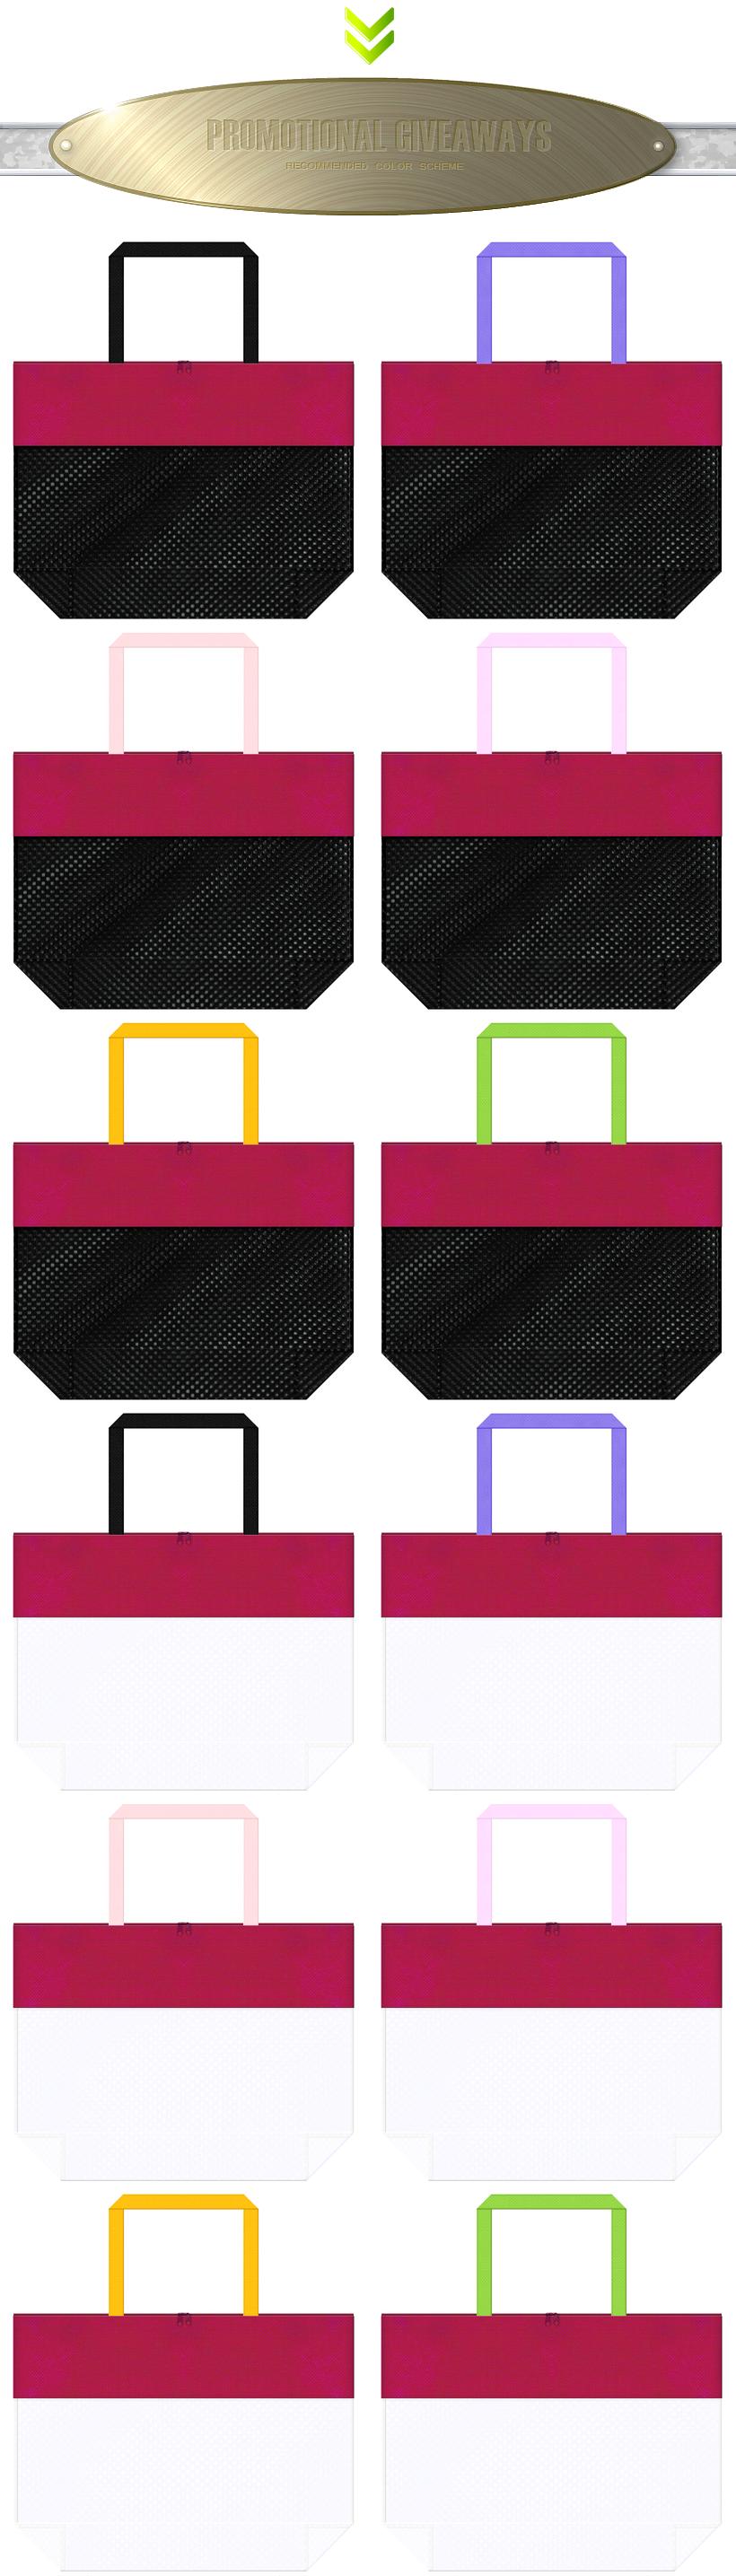 黒色メッシュ・白色メッシュと濃ピンク色の不織布をメインに使用した、台形型のメッシュバッグ:コスメ・スポーツ・キッズイベントのノベルティにお奨めです。